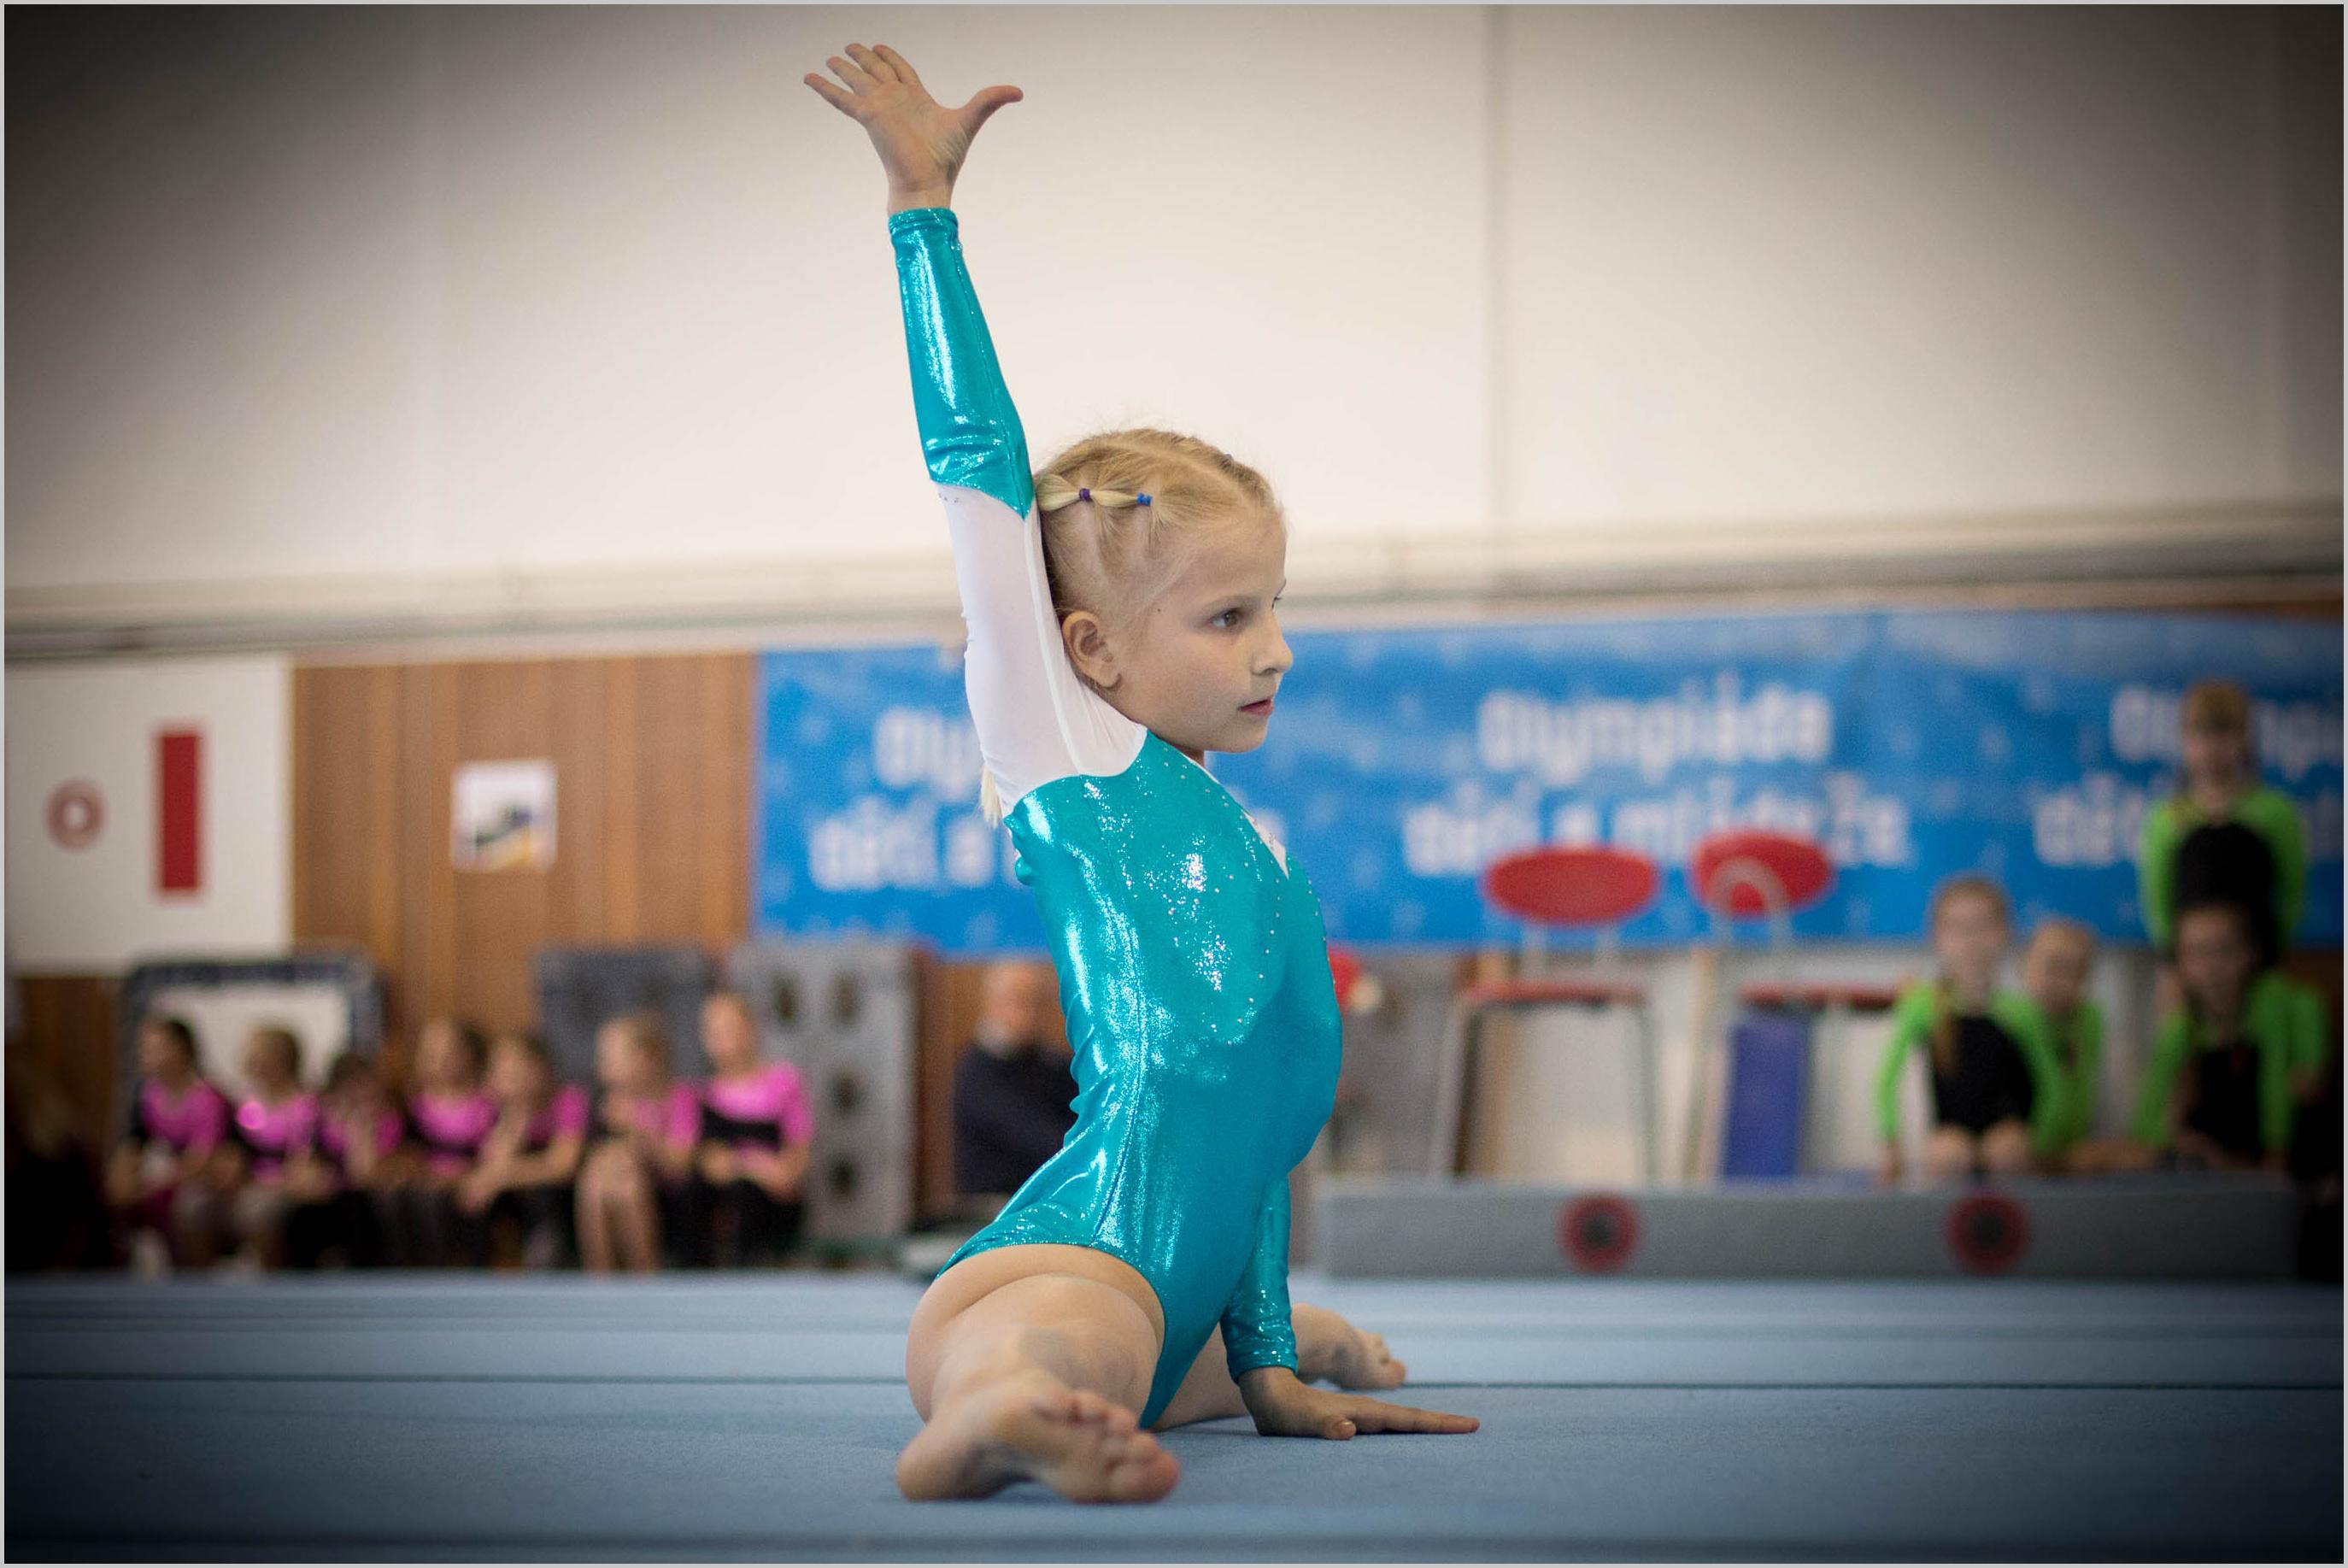 Přebor v gymnastice 2019